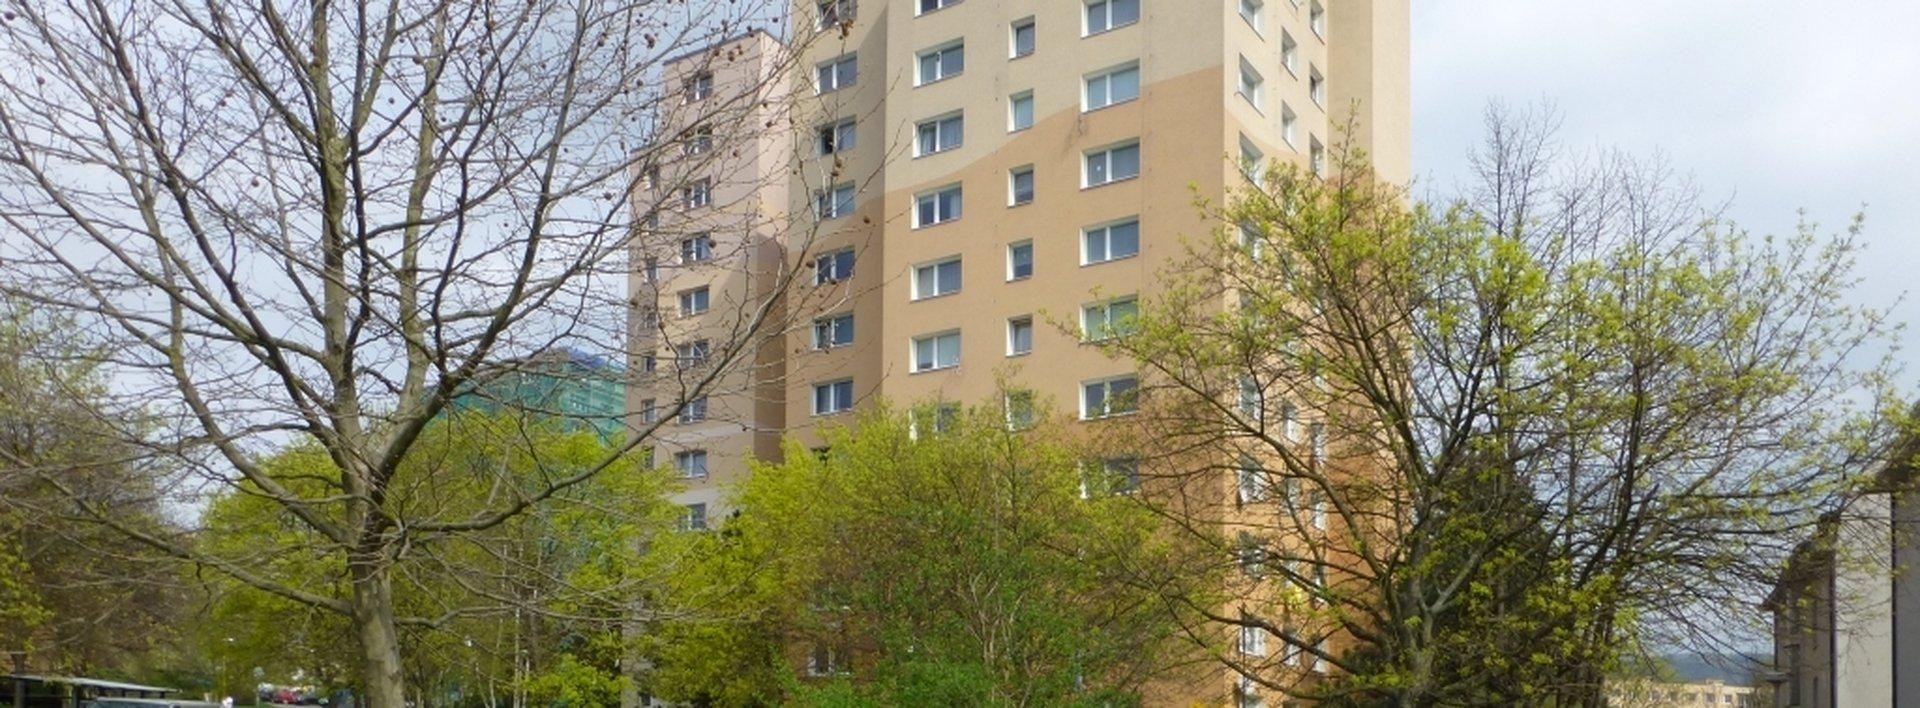 Nabízíme ke koupi moderní byt 1+1 v nejžádanější lokalitě Ruprechtice, Ev.č.: N46697